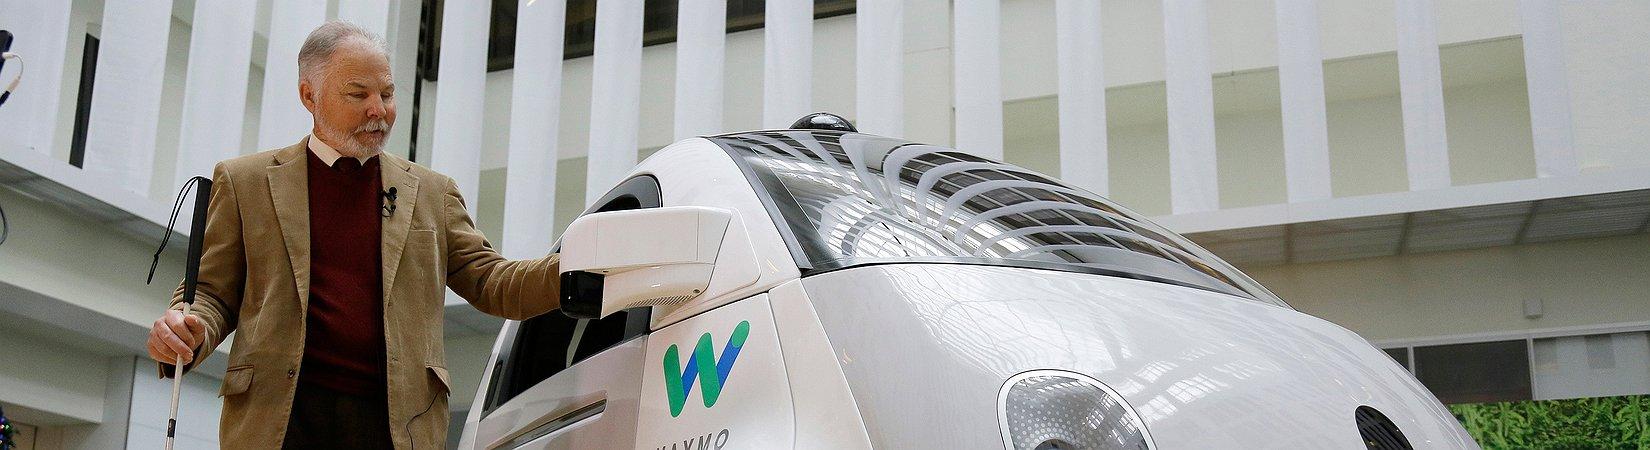 Cómo invertir en coches autónomos: No compres acciones de Google